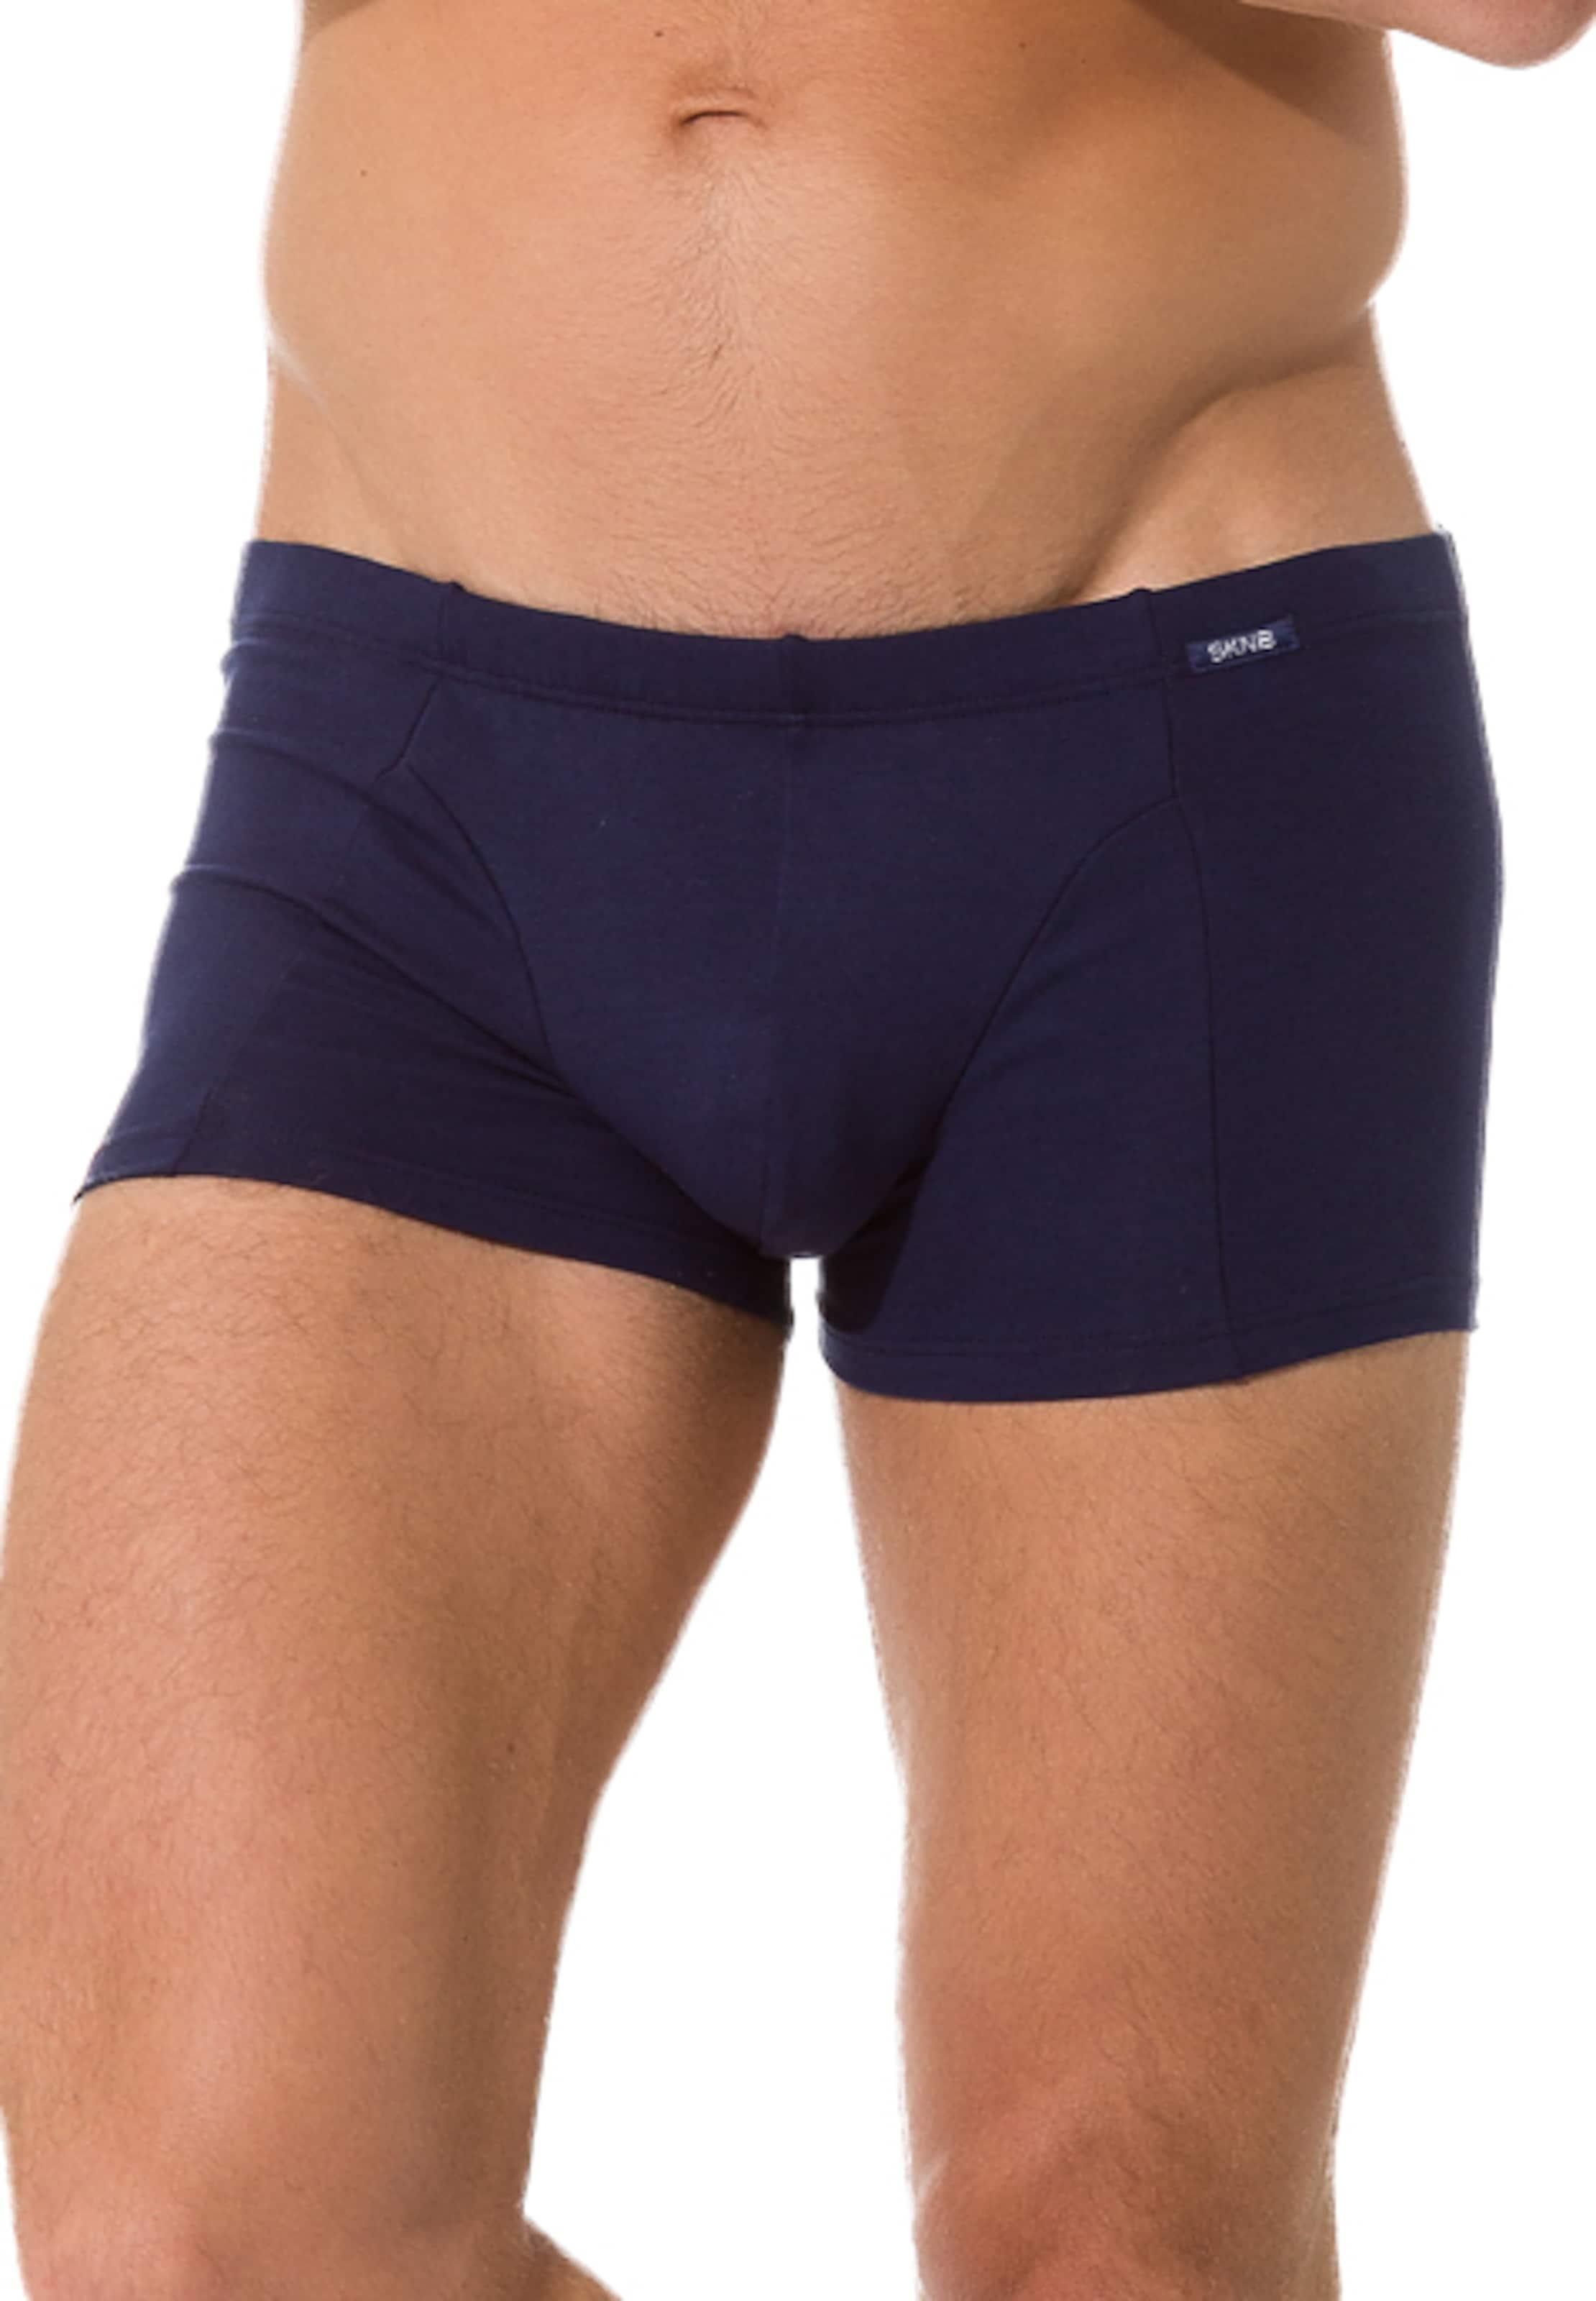 Pants In Pants Skiny In Navy Navy Skiny Skiny Navy Skiny In Pants R4jcq53AL